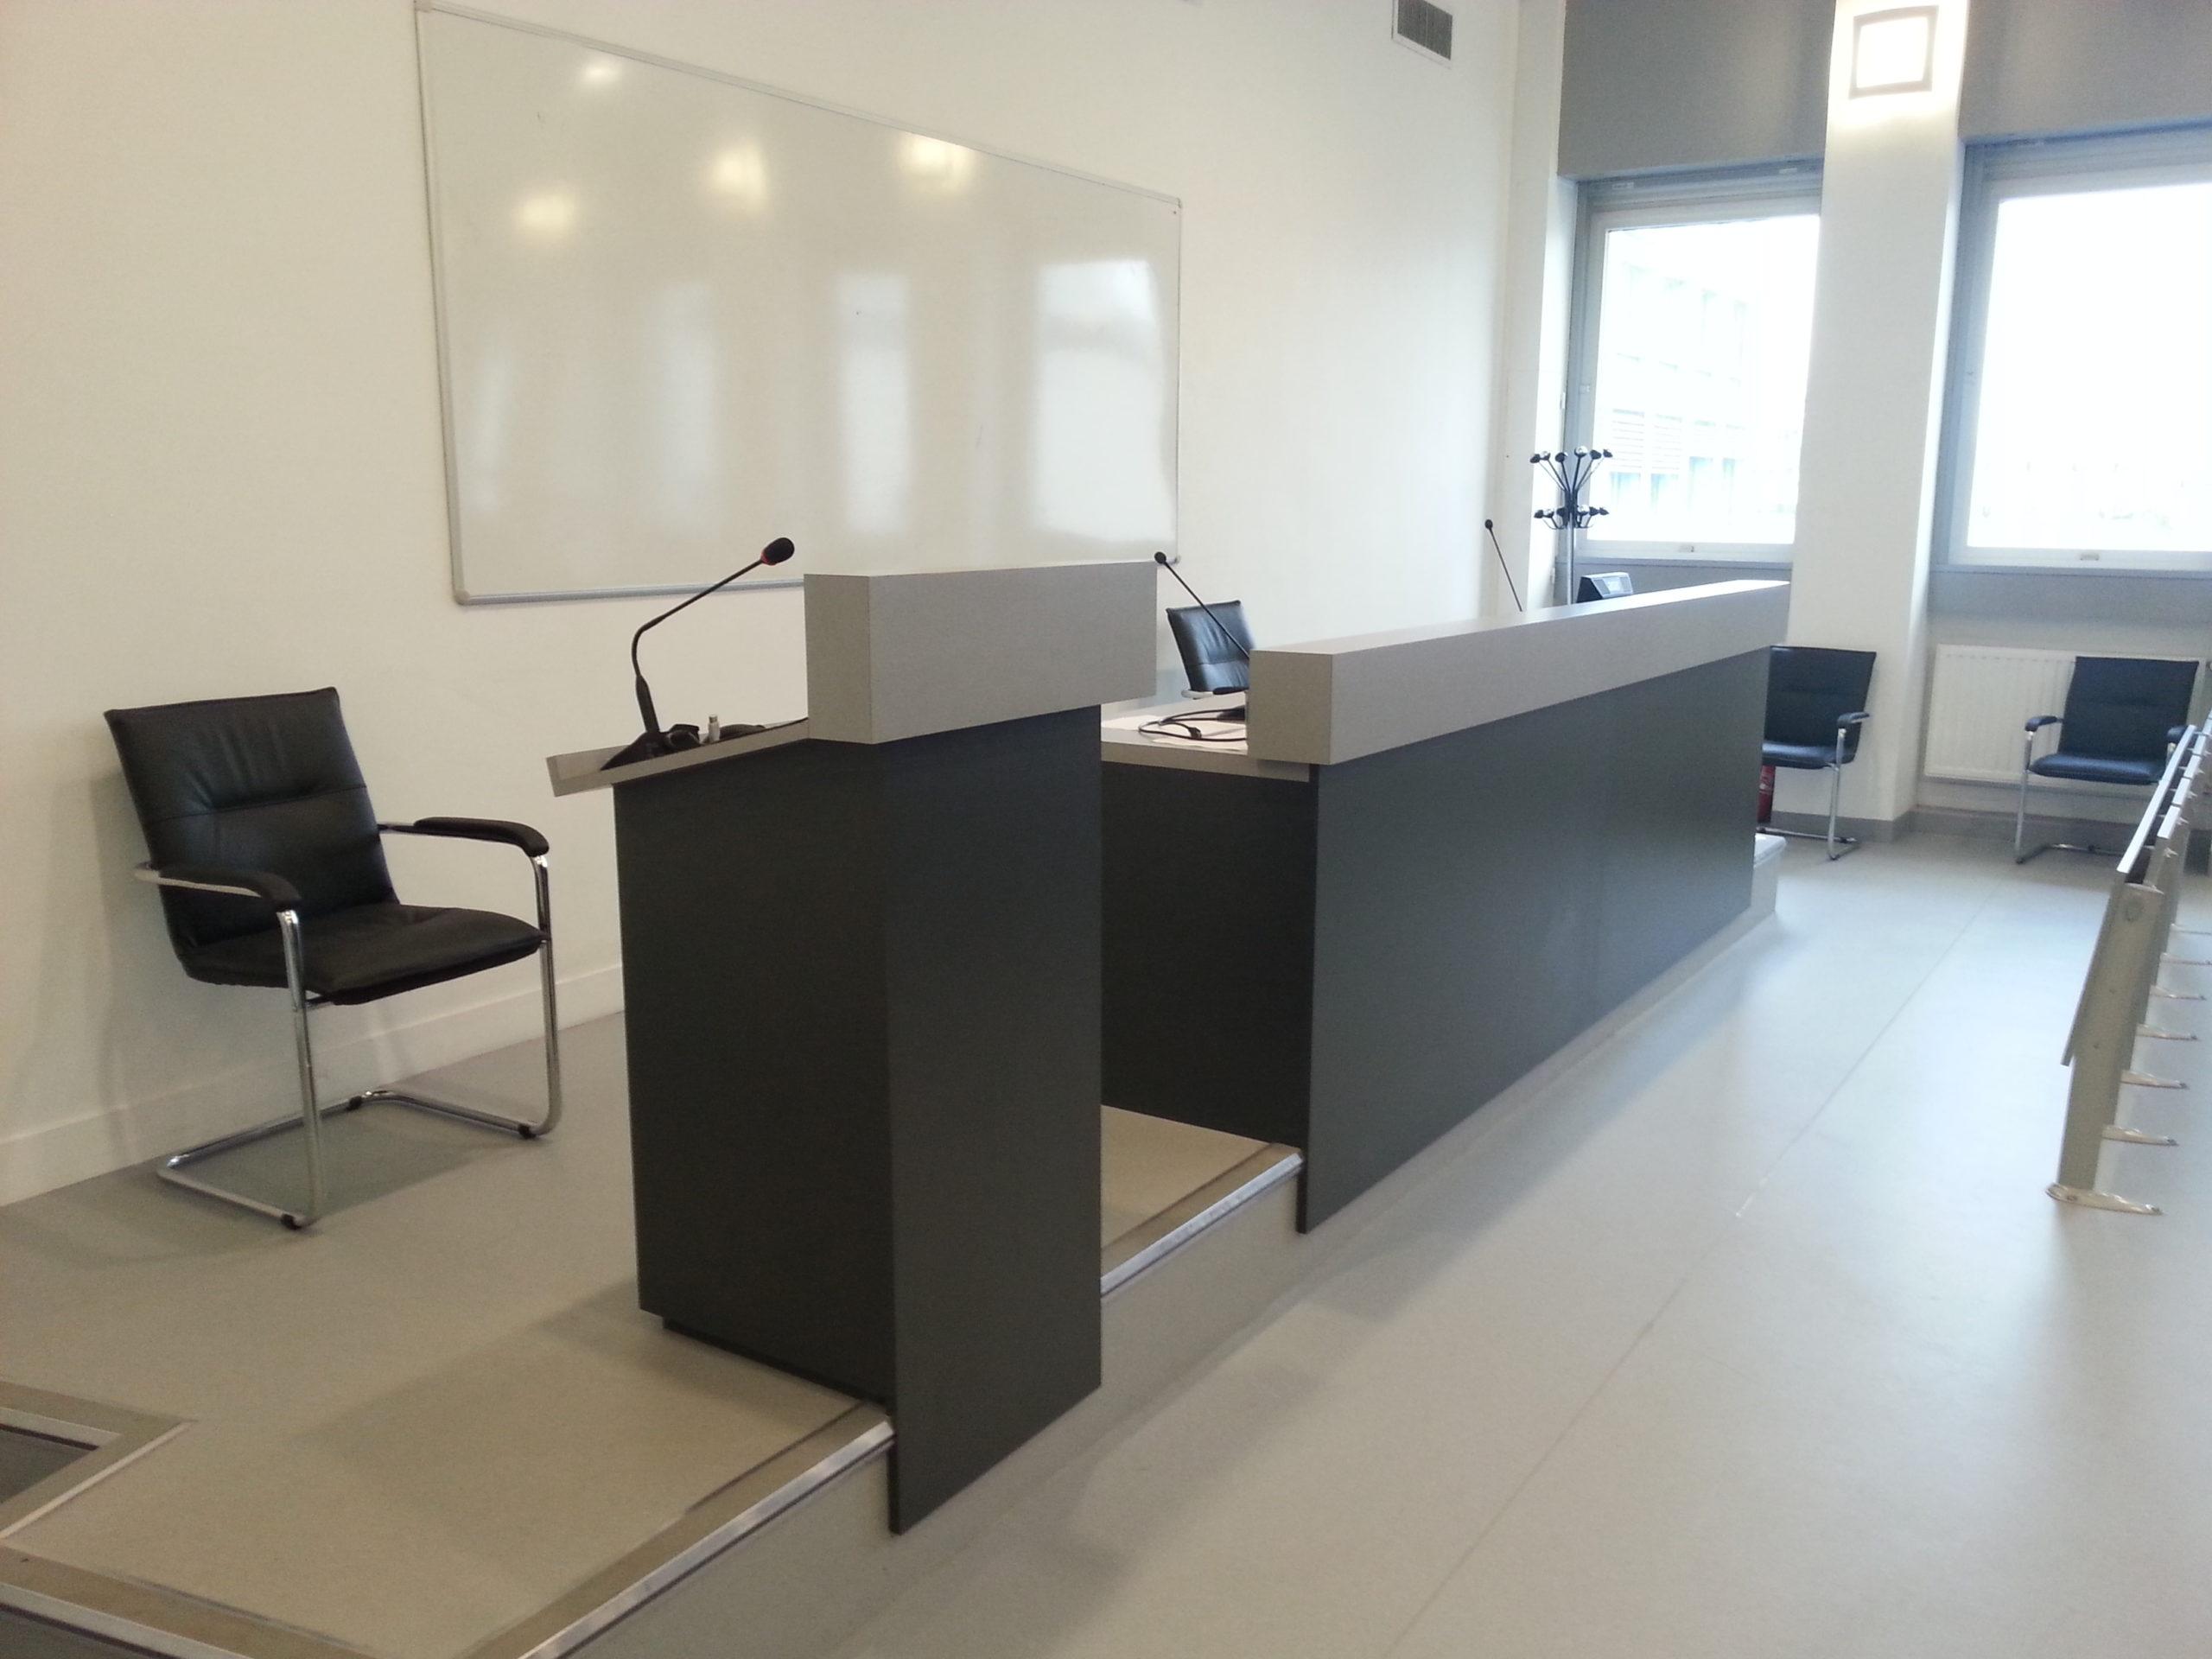 Bureau dans une salle de classe